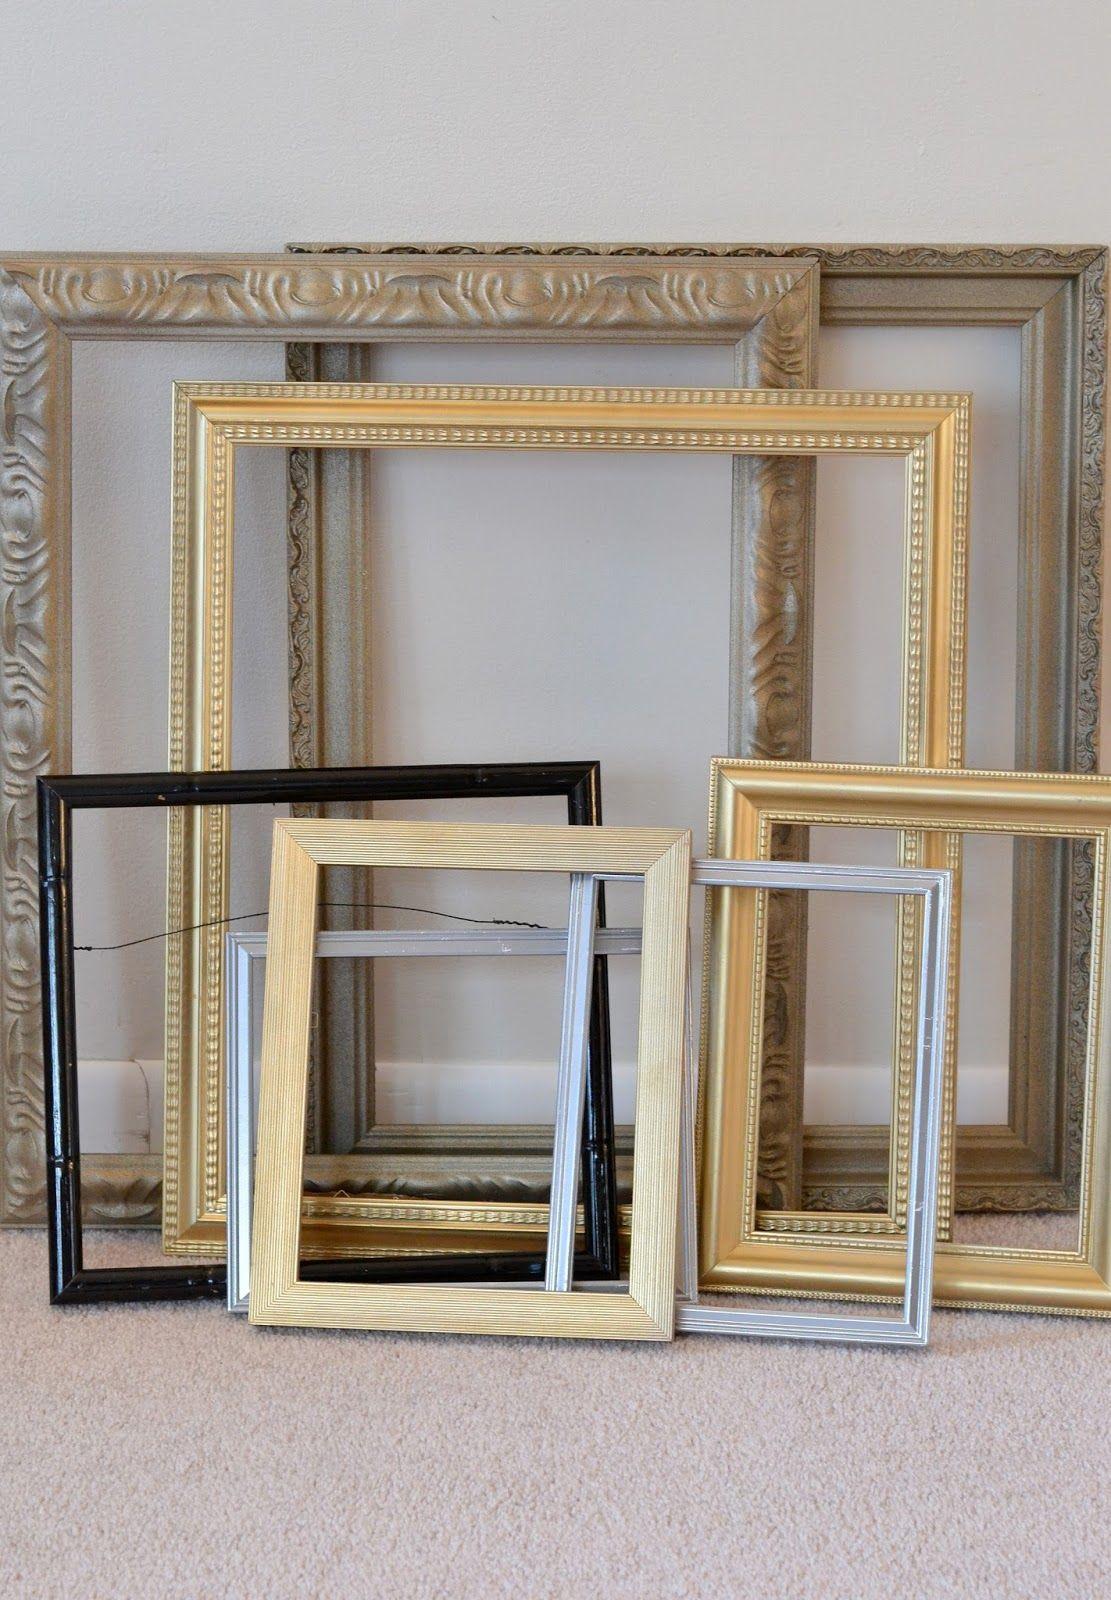 marcos para pinturas espejos :dorados, plateados, negros, con borde ...